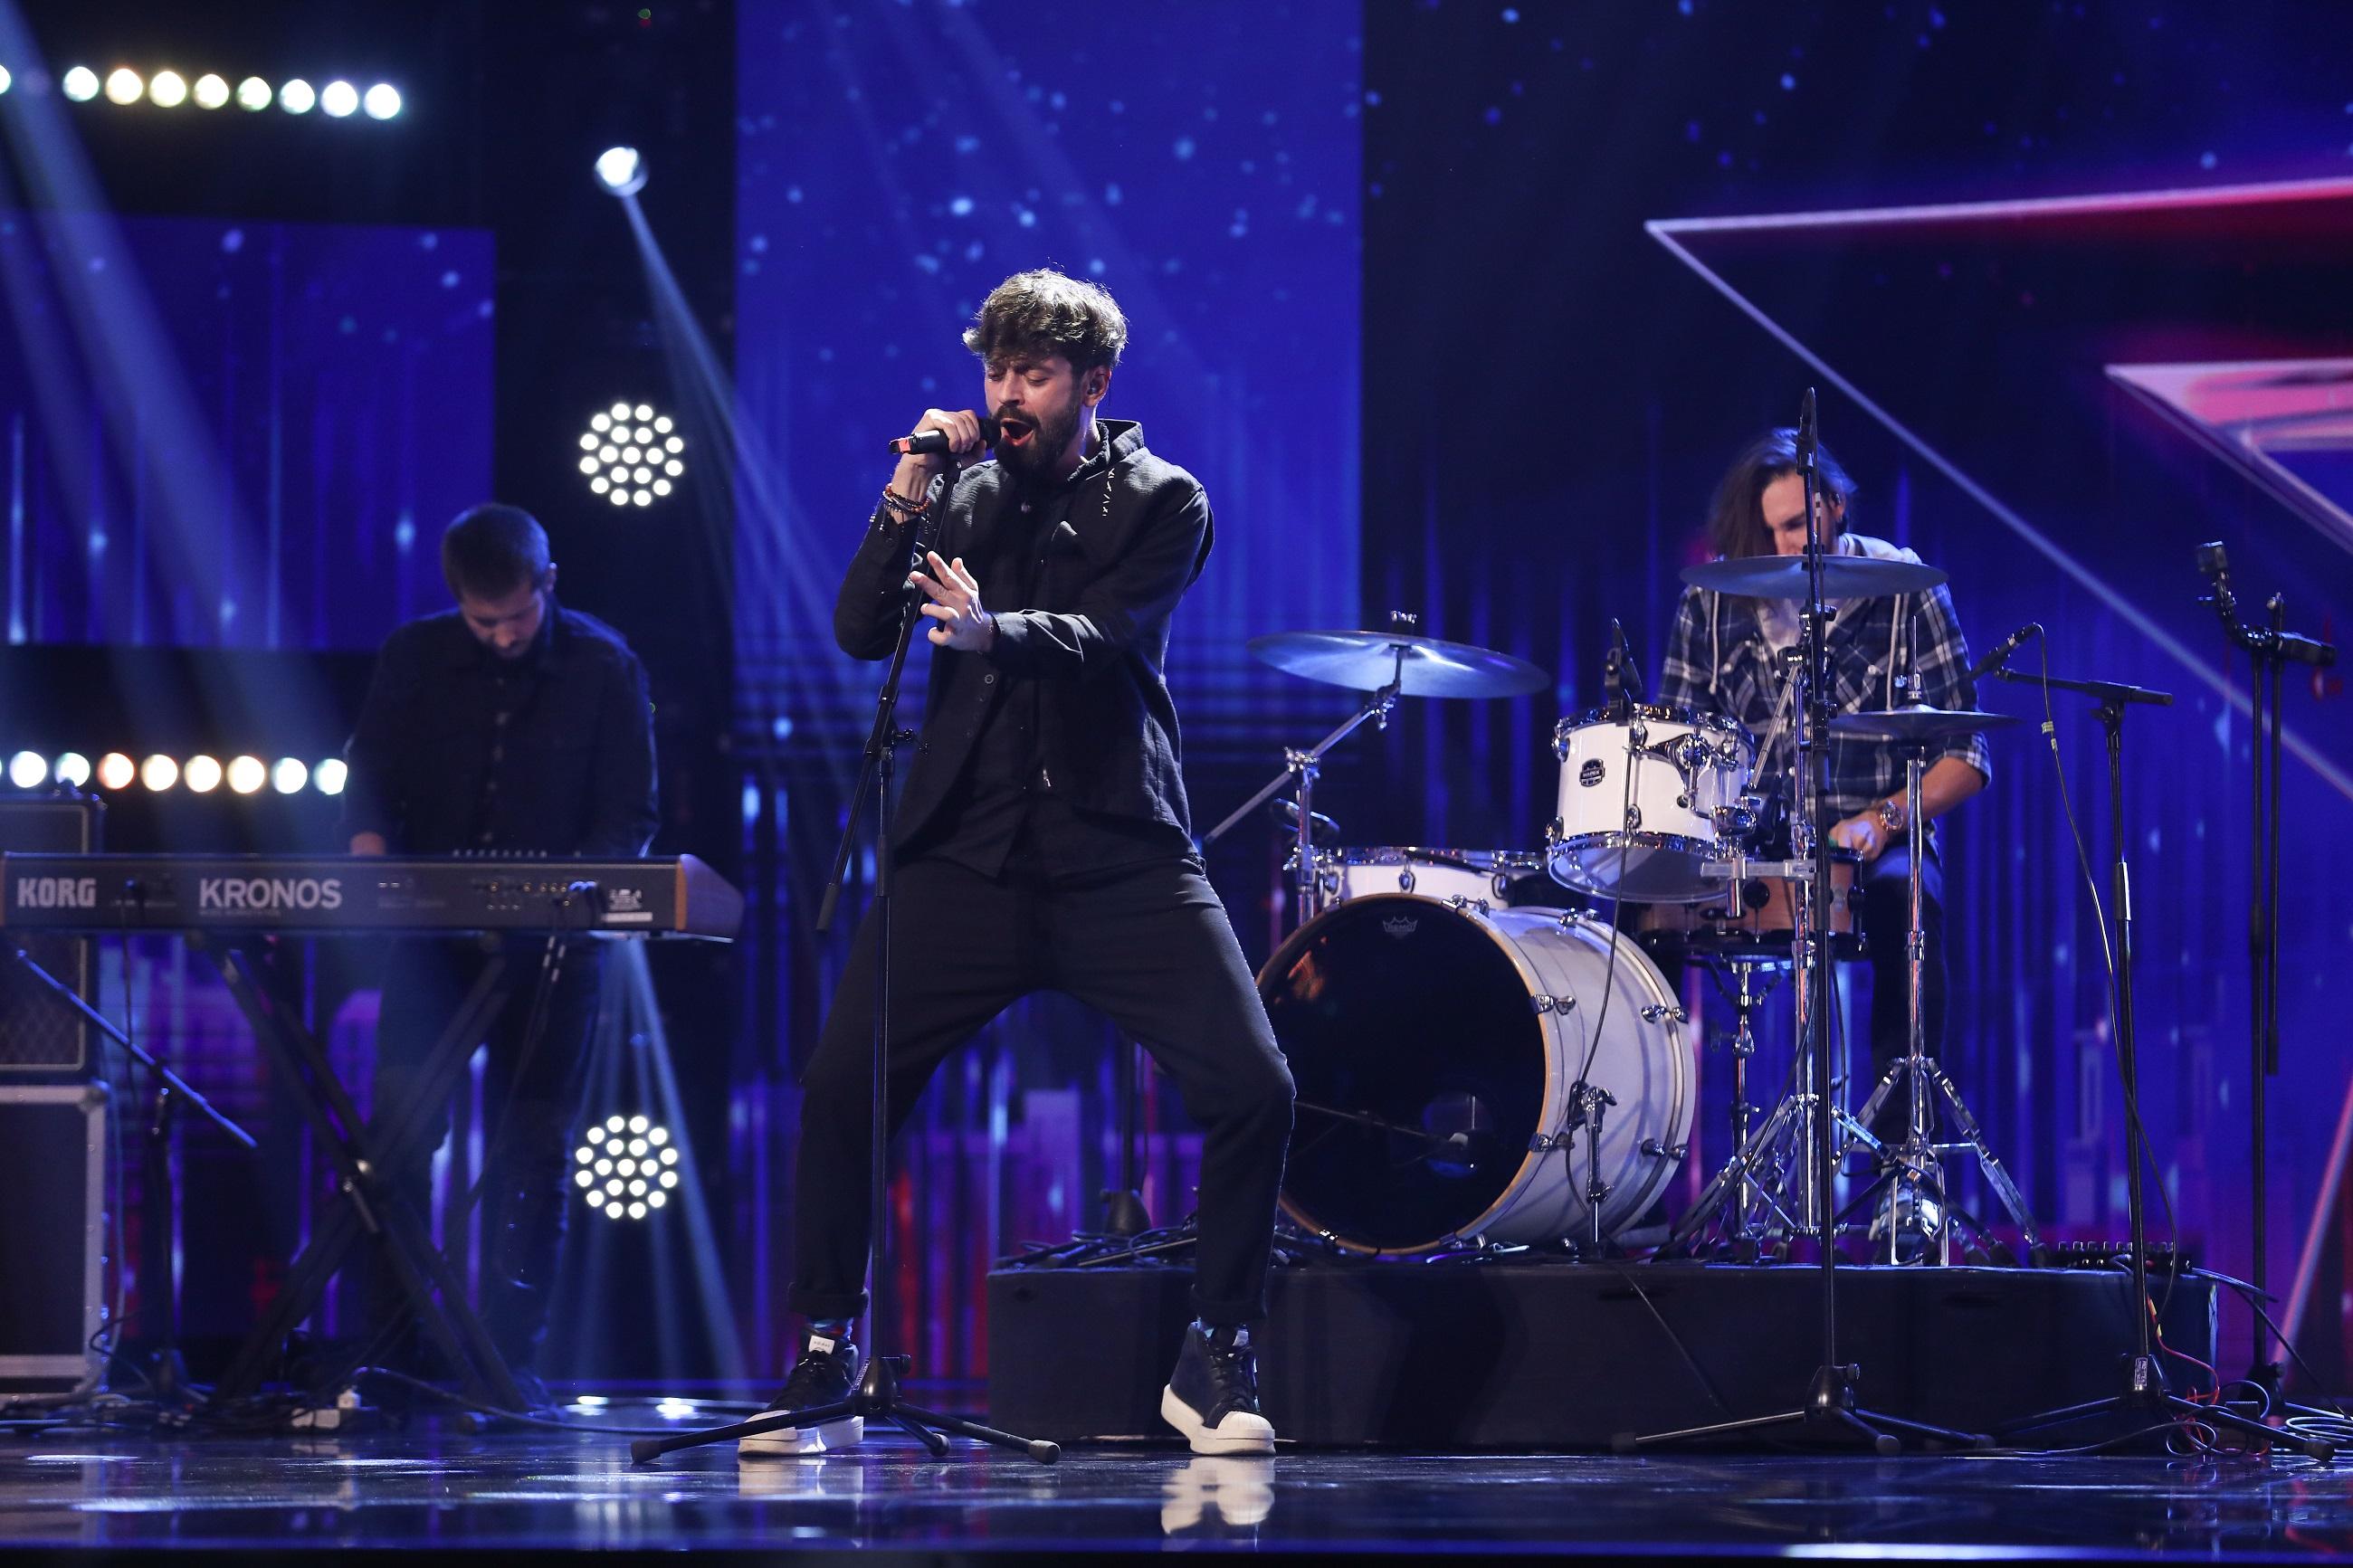 Românii au Talent. Peste 2,2 de milioane de români s-au bucurat de spectacolul #unusiunu